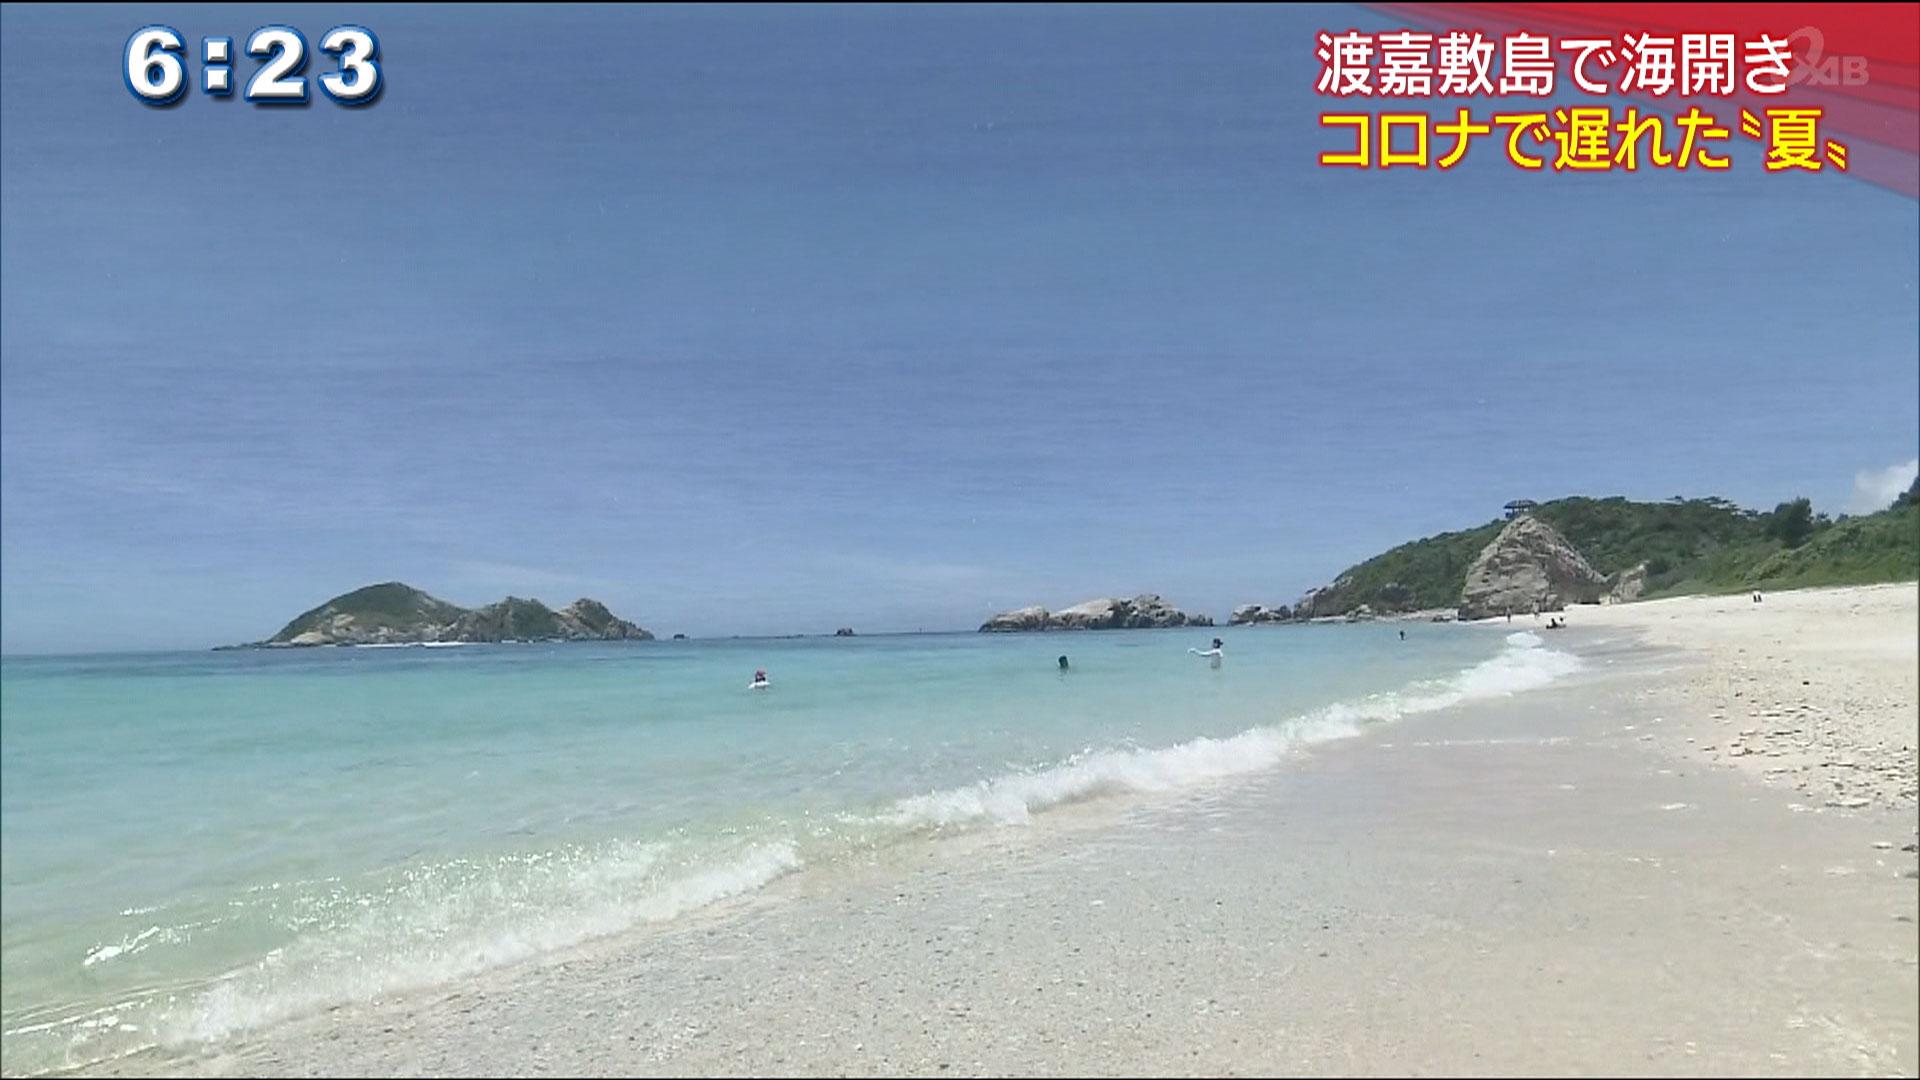 沖縄一遅い海開き